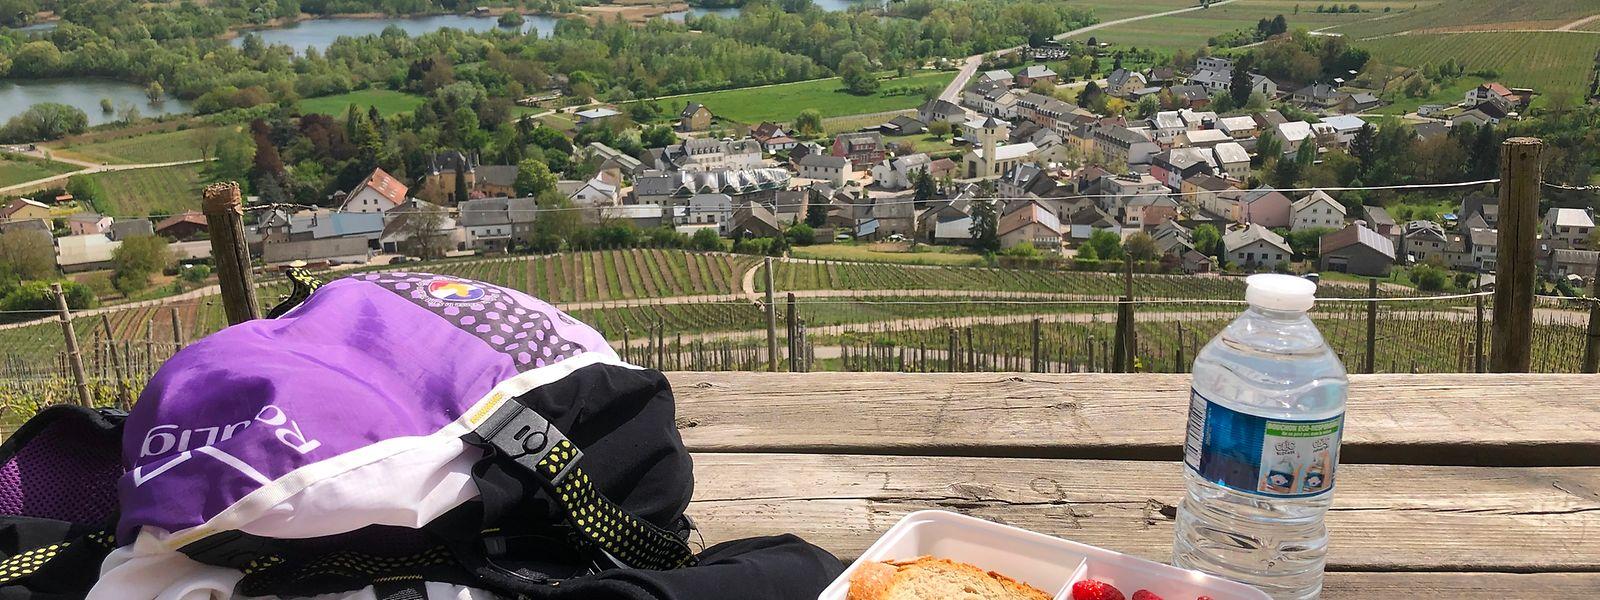 Bei einer schönen Aussicht ist der Picknickgenuss gleich doppelt so hoch.